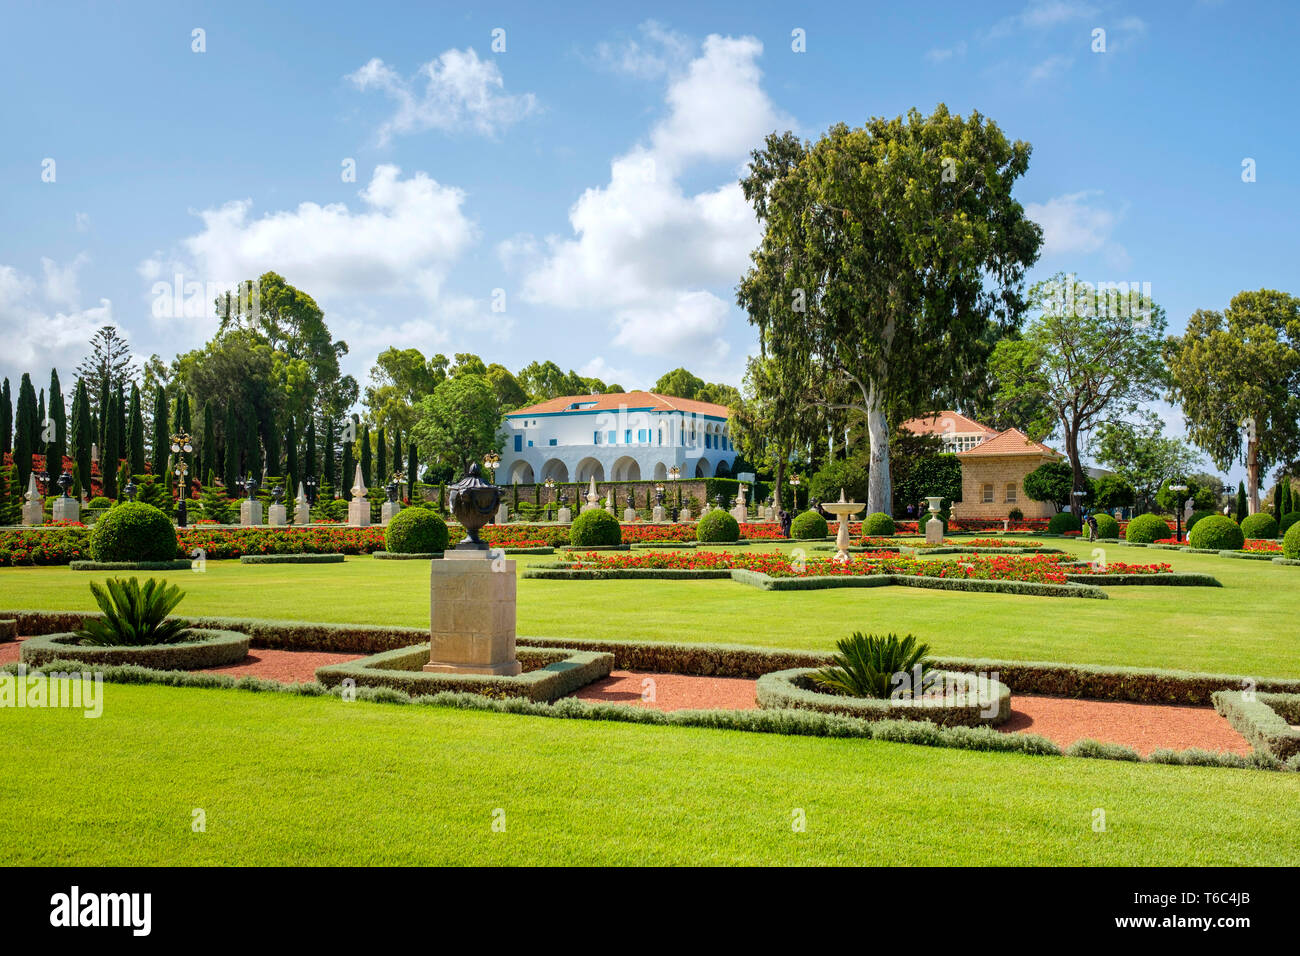 Israël, quartier Nord, Galilée, Acre (Akko). Sanctuaire de Baha'u'llah à jardins Baha'Akko, lieu le plus saint pour les gens de foi Baha'i. Photo Stock